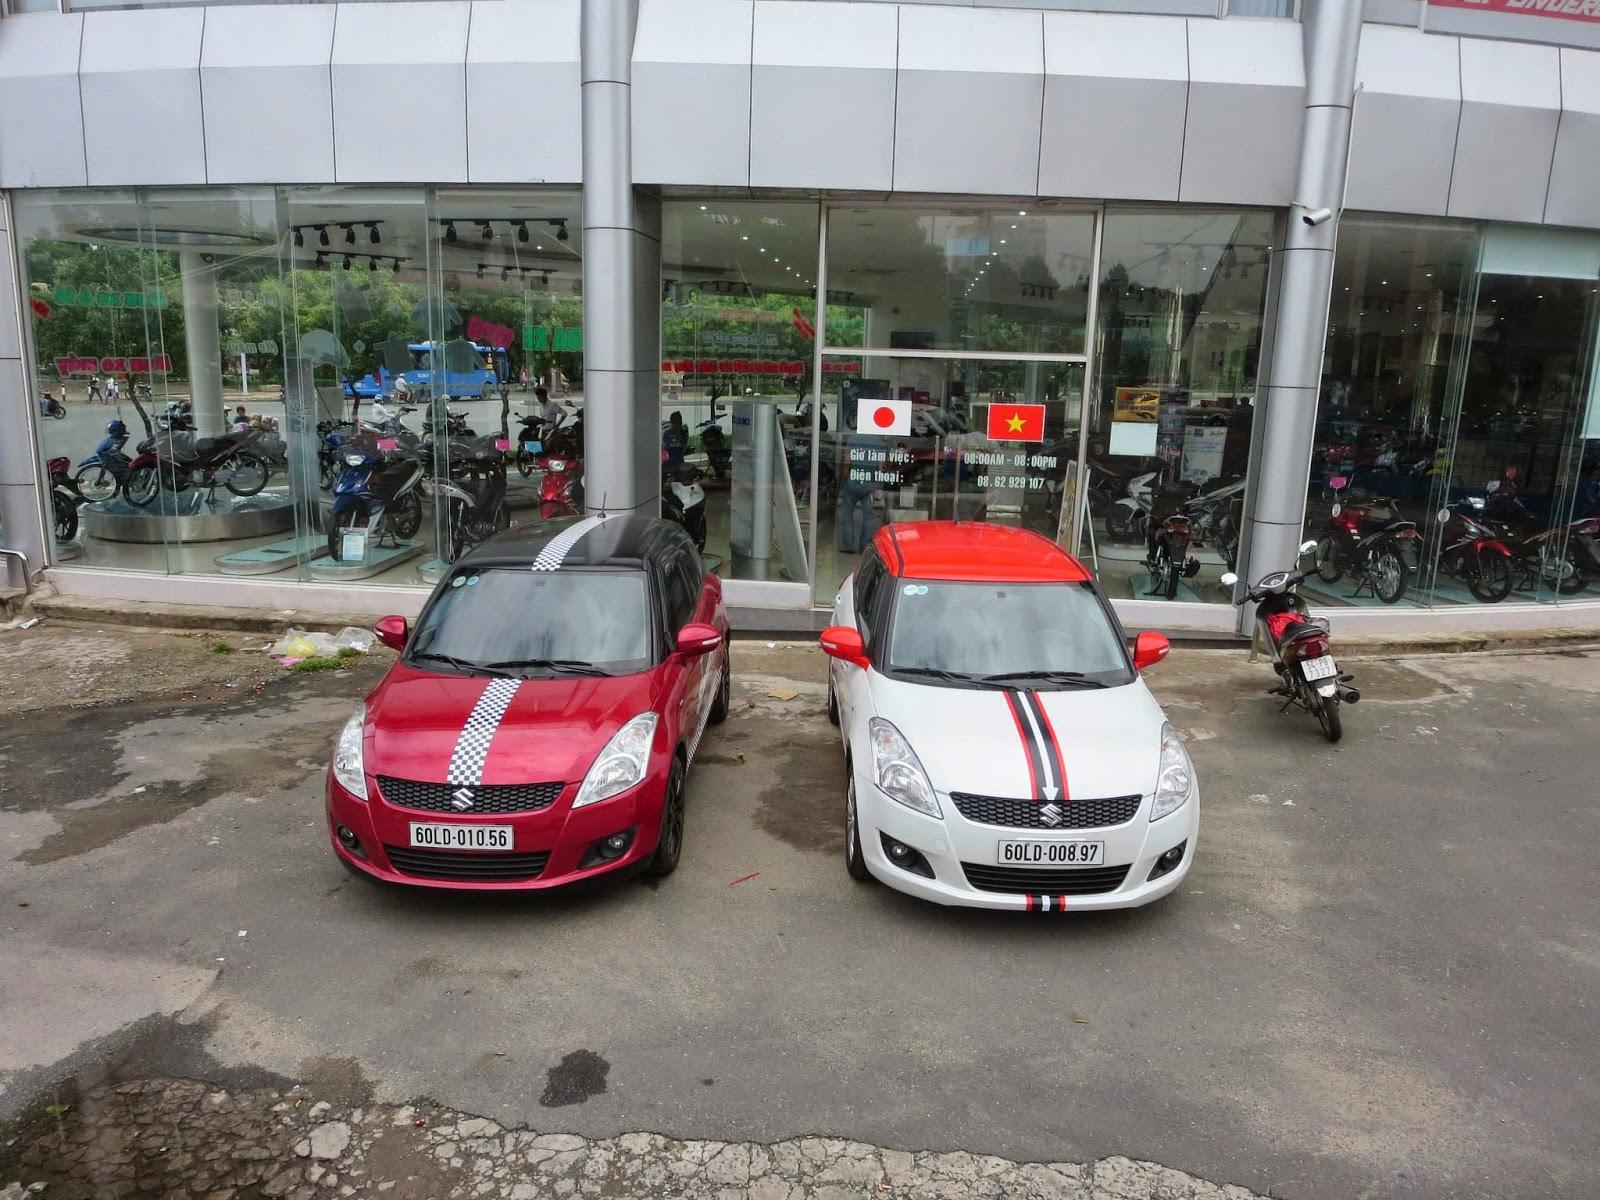 Suzuki Swift lắp ráp tại Việt Nam 2